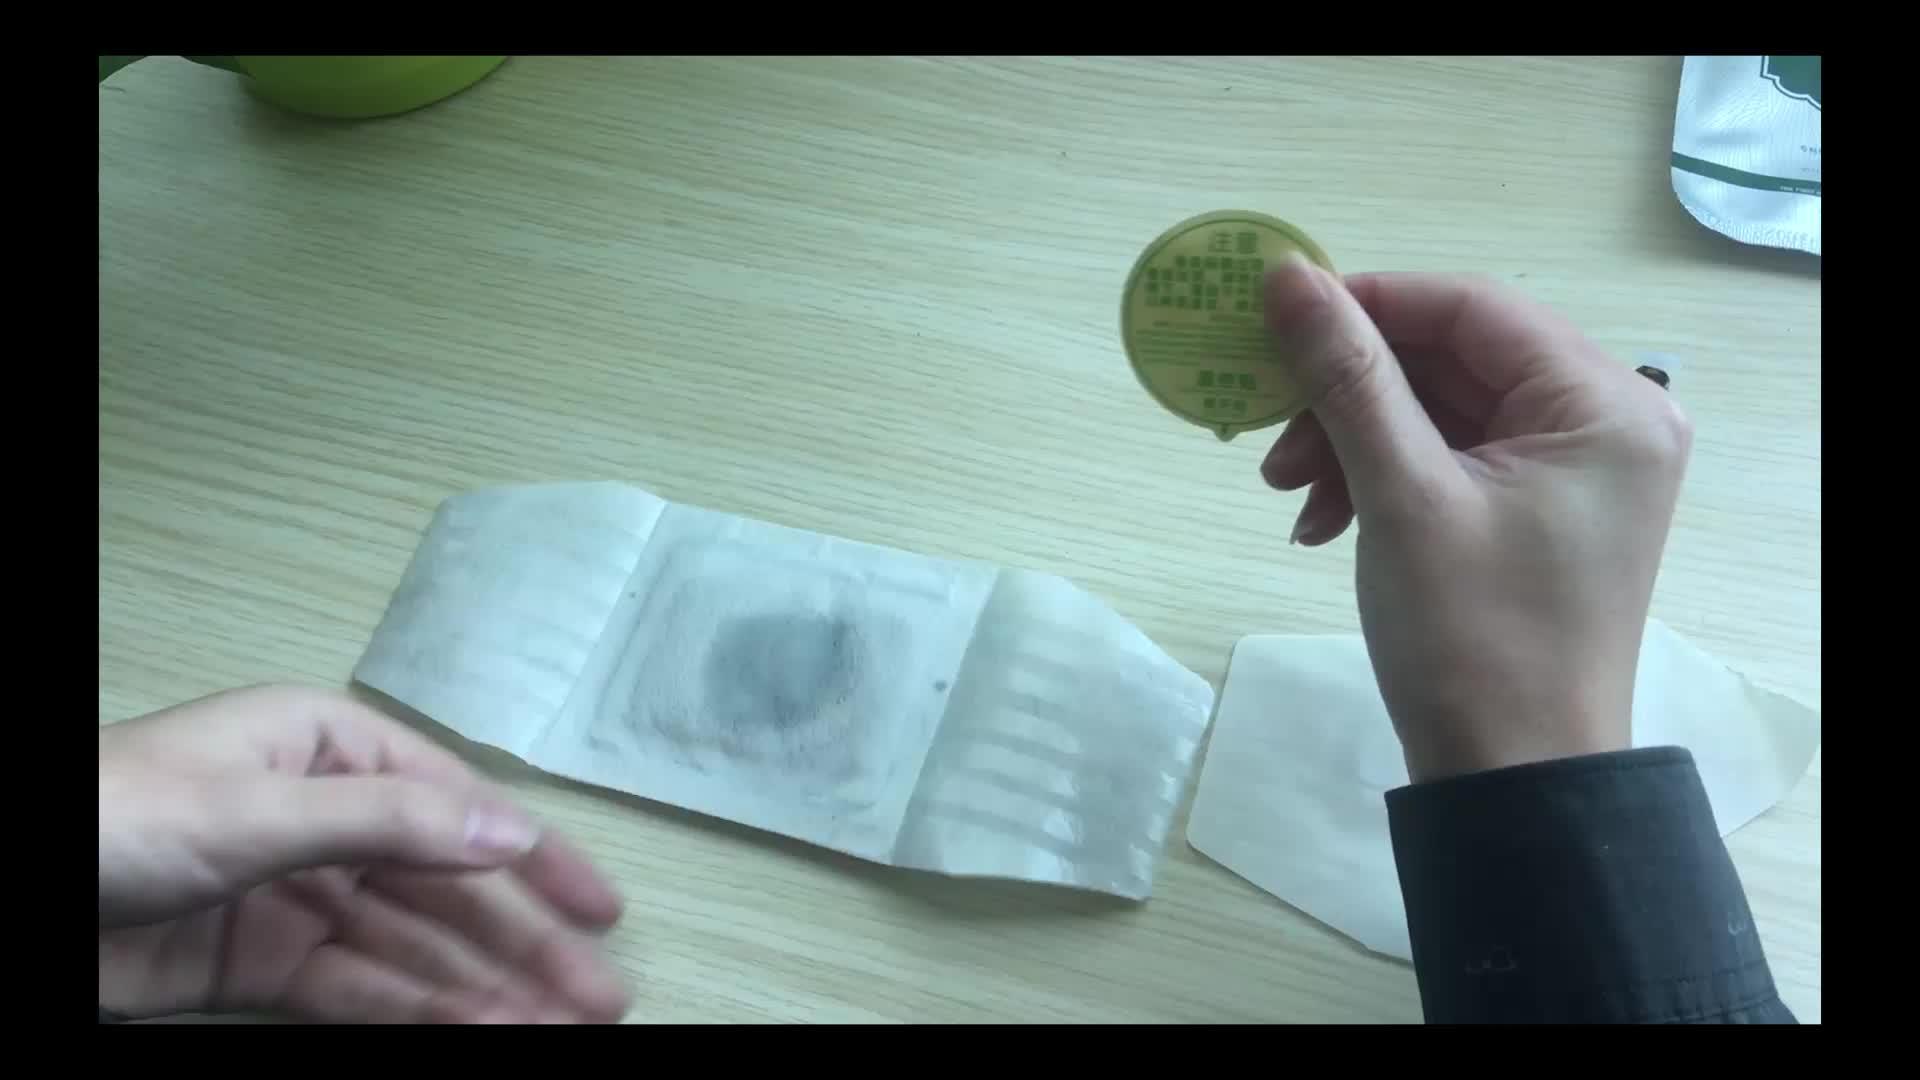 温控贴_如何使用艾贴里面的温控贴